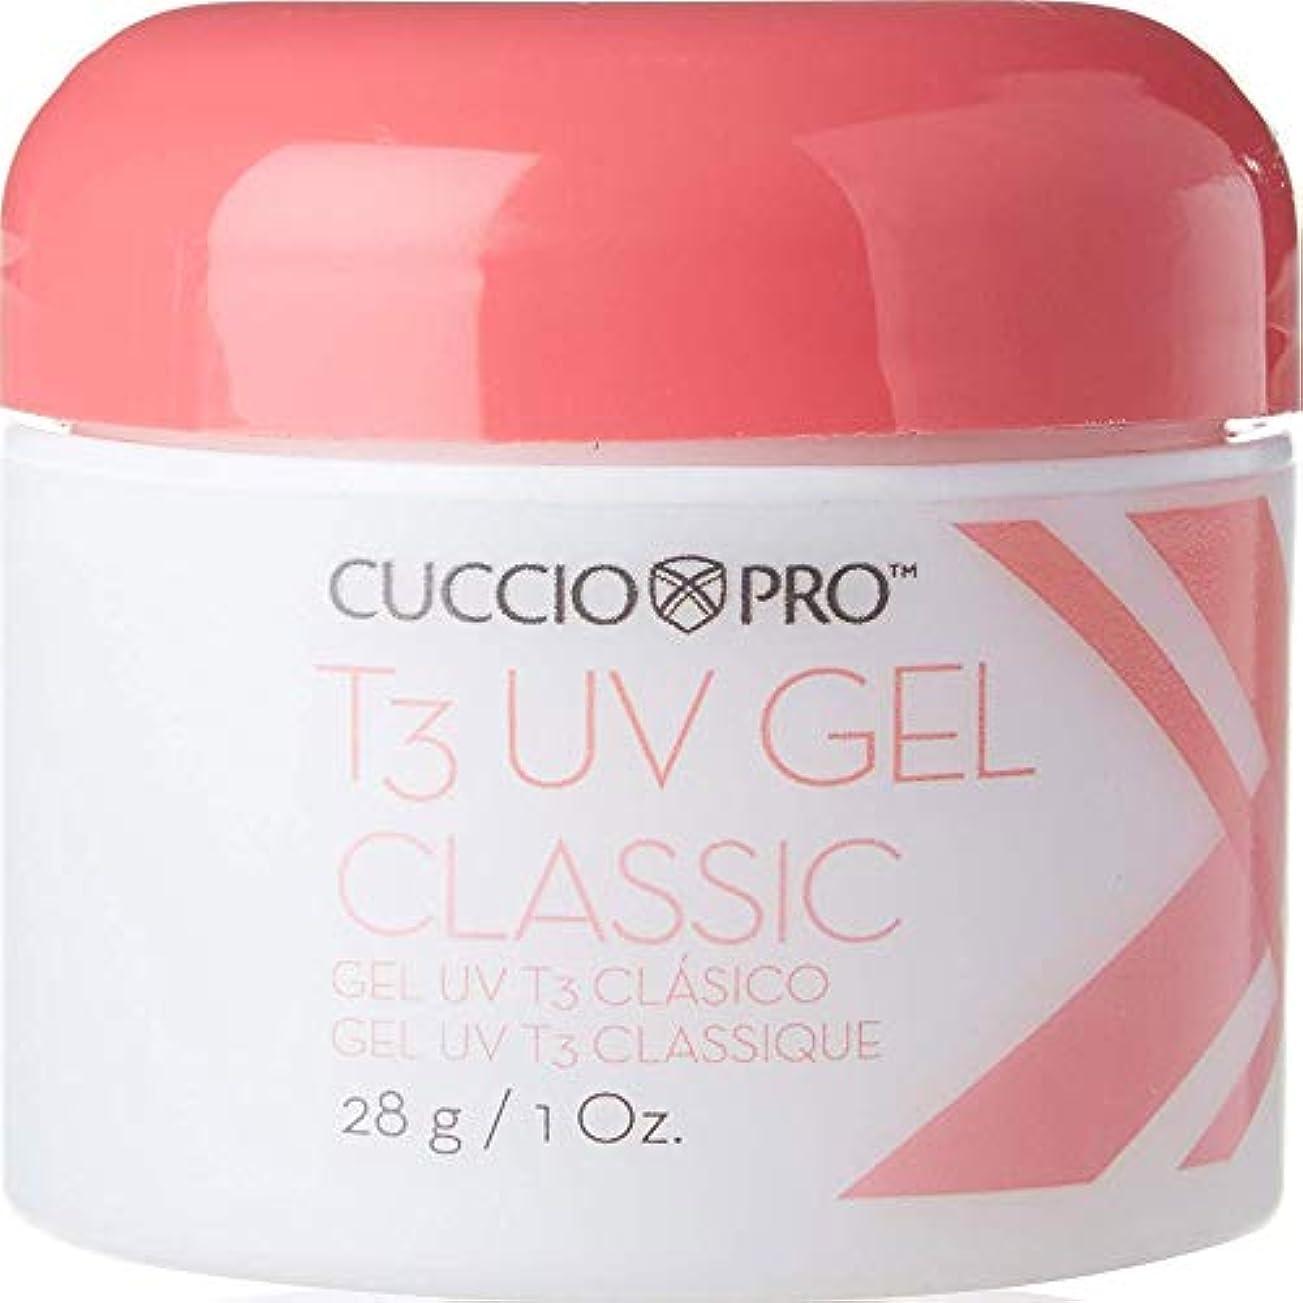 番号バインド暗唱するCuccio Pro T3 UV Gel Classic Pink for High Shine Natural and Artificial Nails 28g